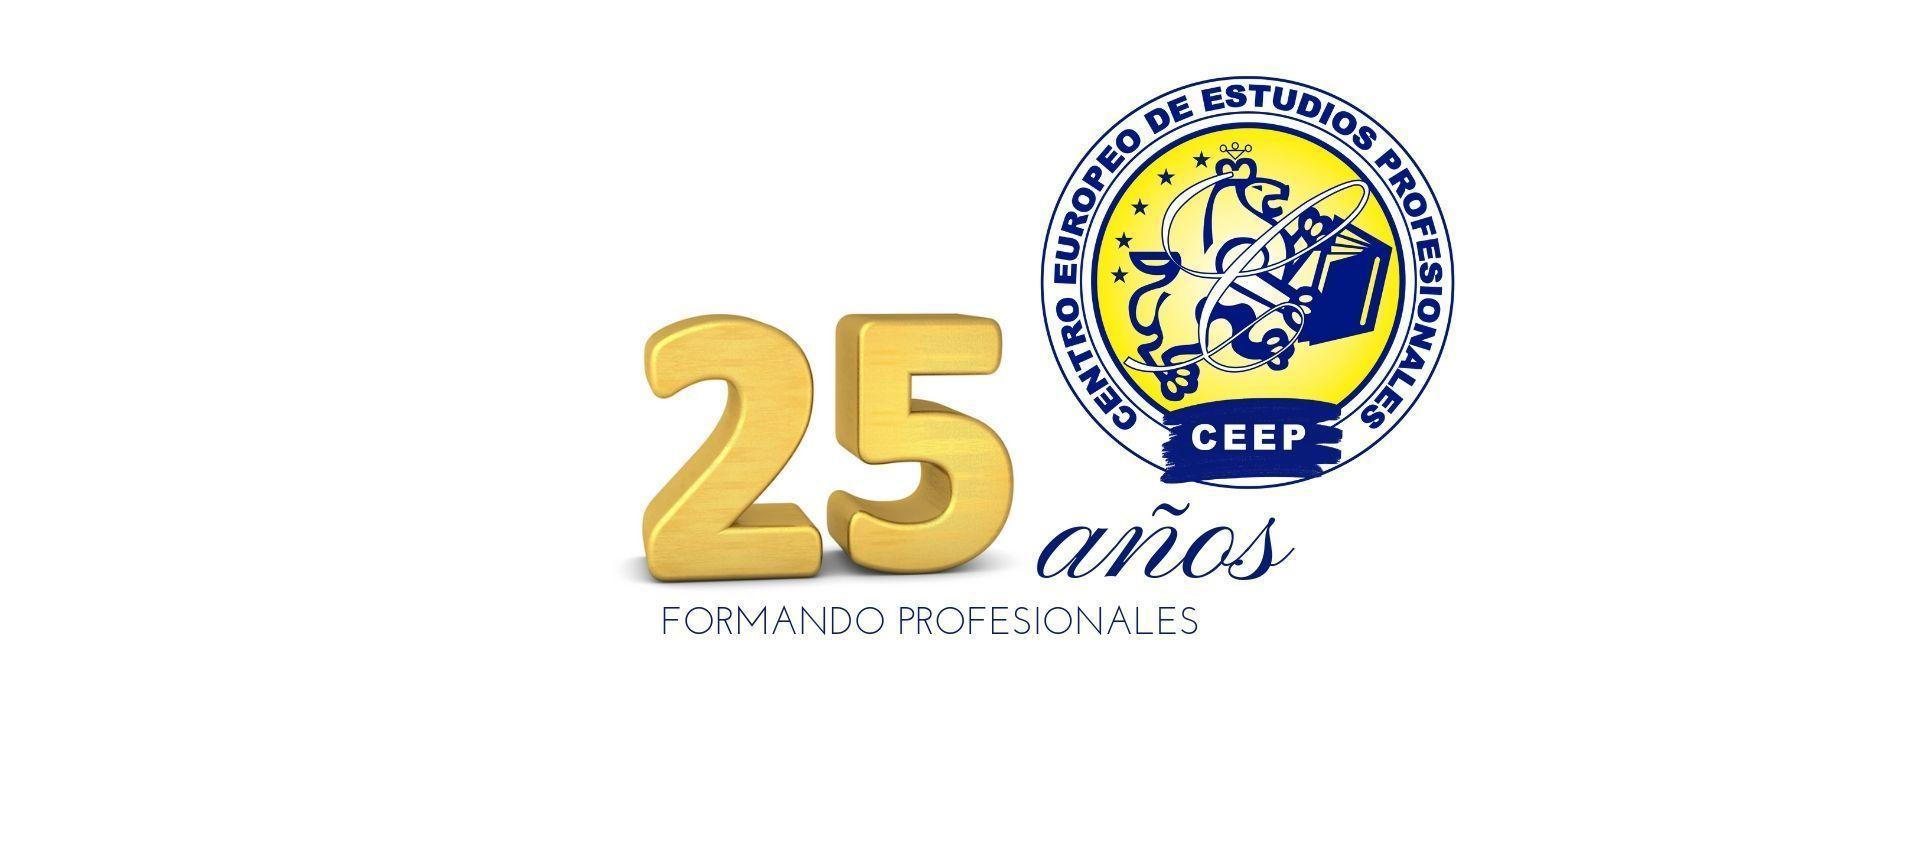 Ceep-cumple-25-anos-dedicados-a-formar-profesionales